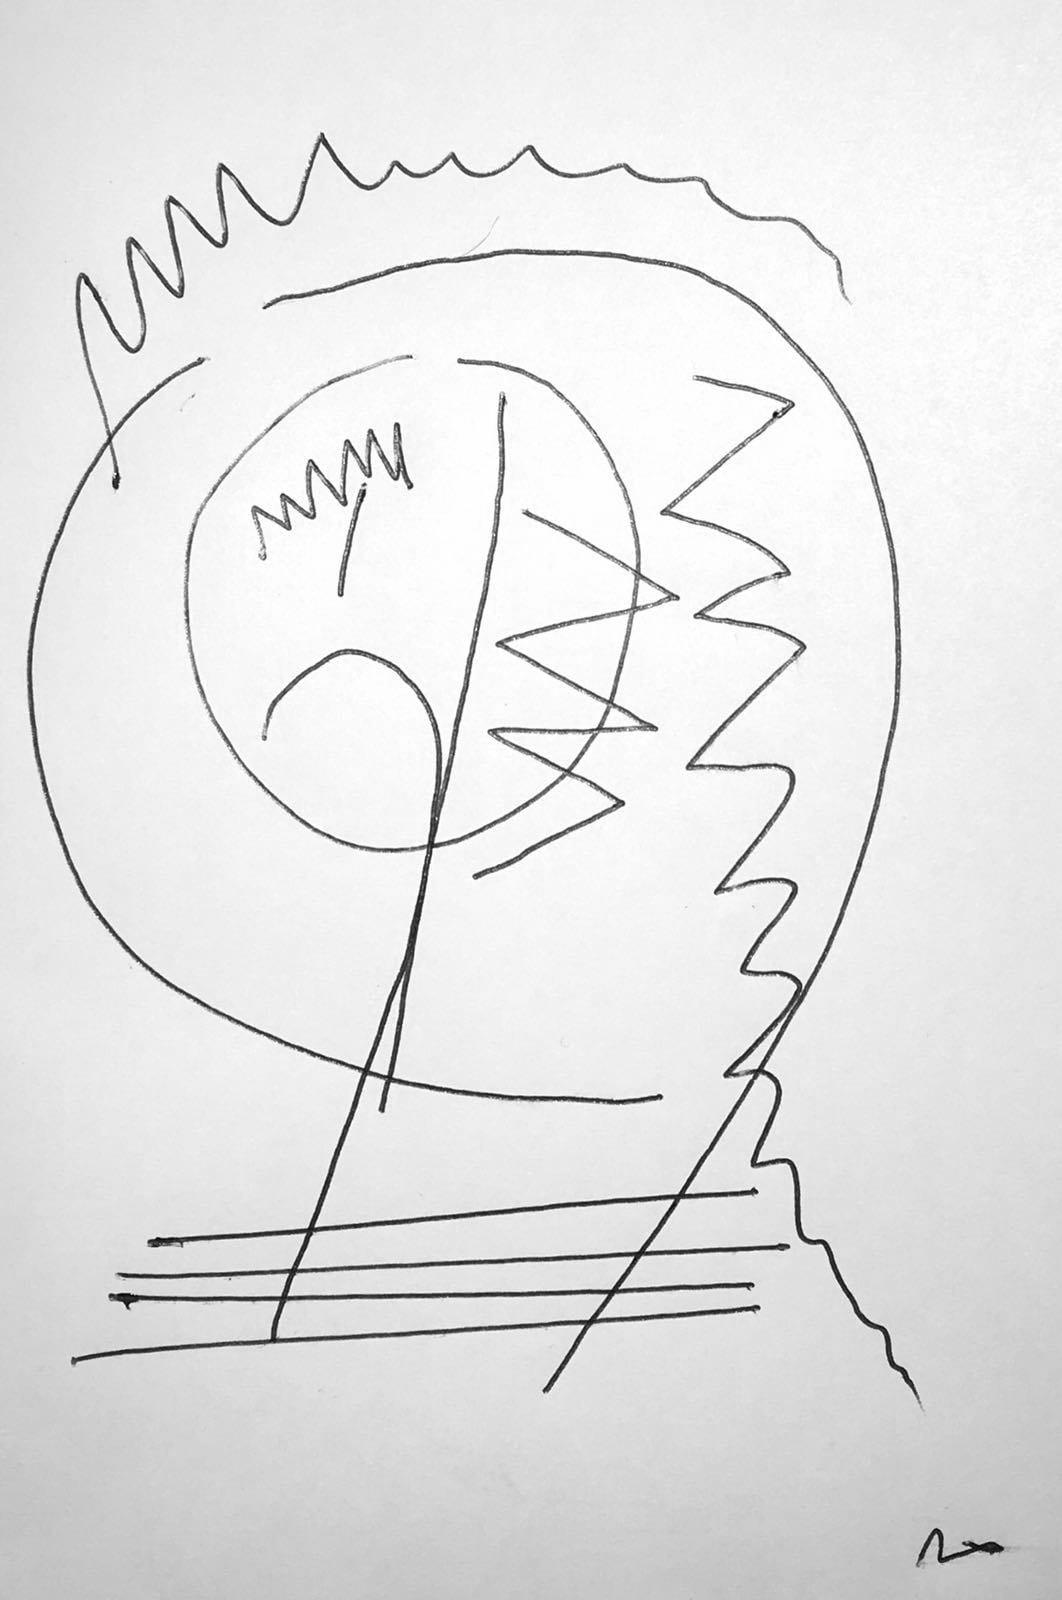 Die Zeichnung steht für den Stuhlkreis, der aus verschiedene Ebenen besteht und Konflikte darstellt. (Philip)